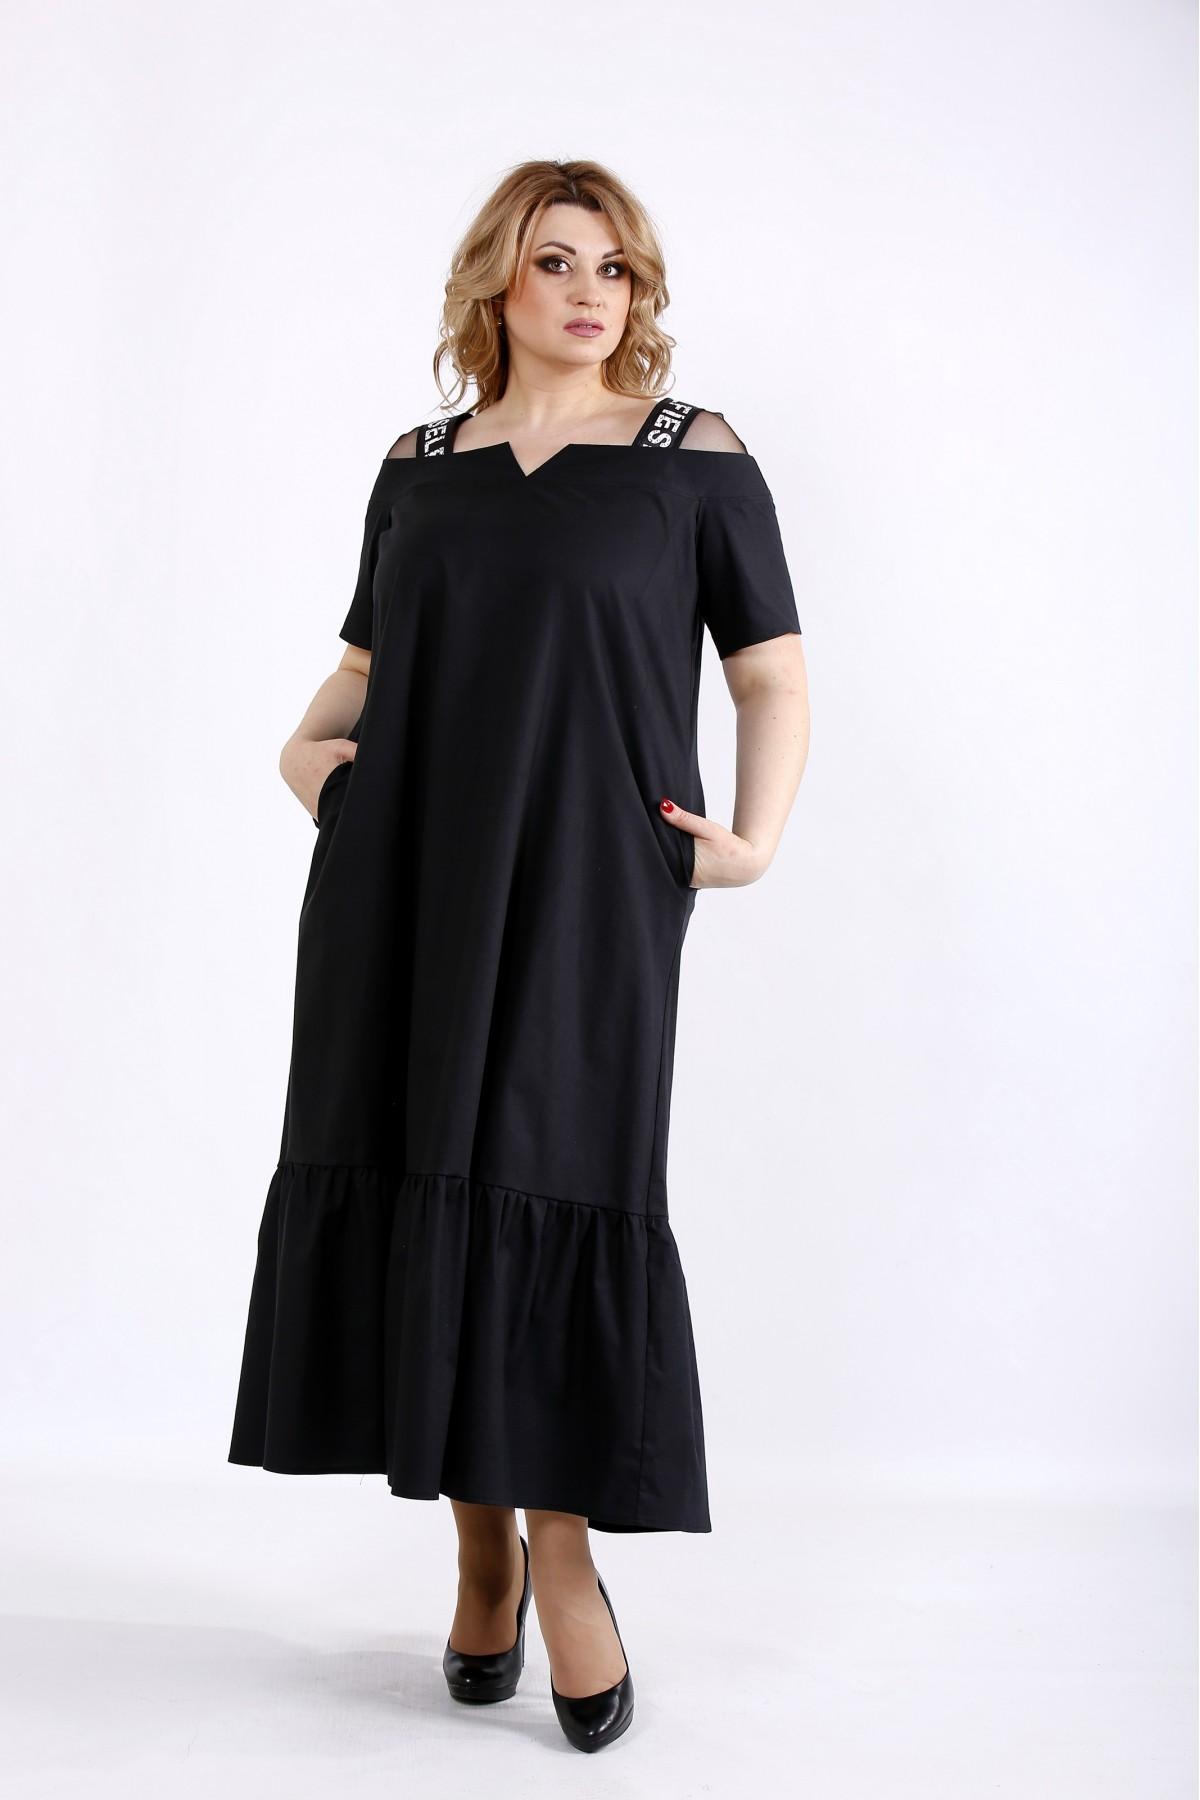 01096-2 | Черное скрывающее платье ниже колена